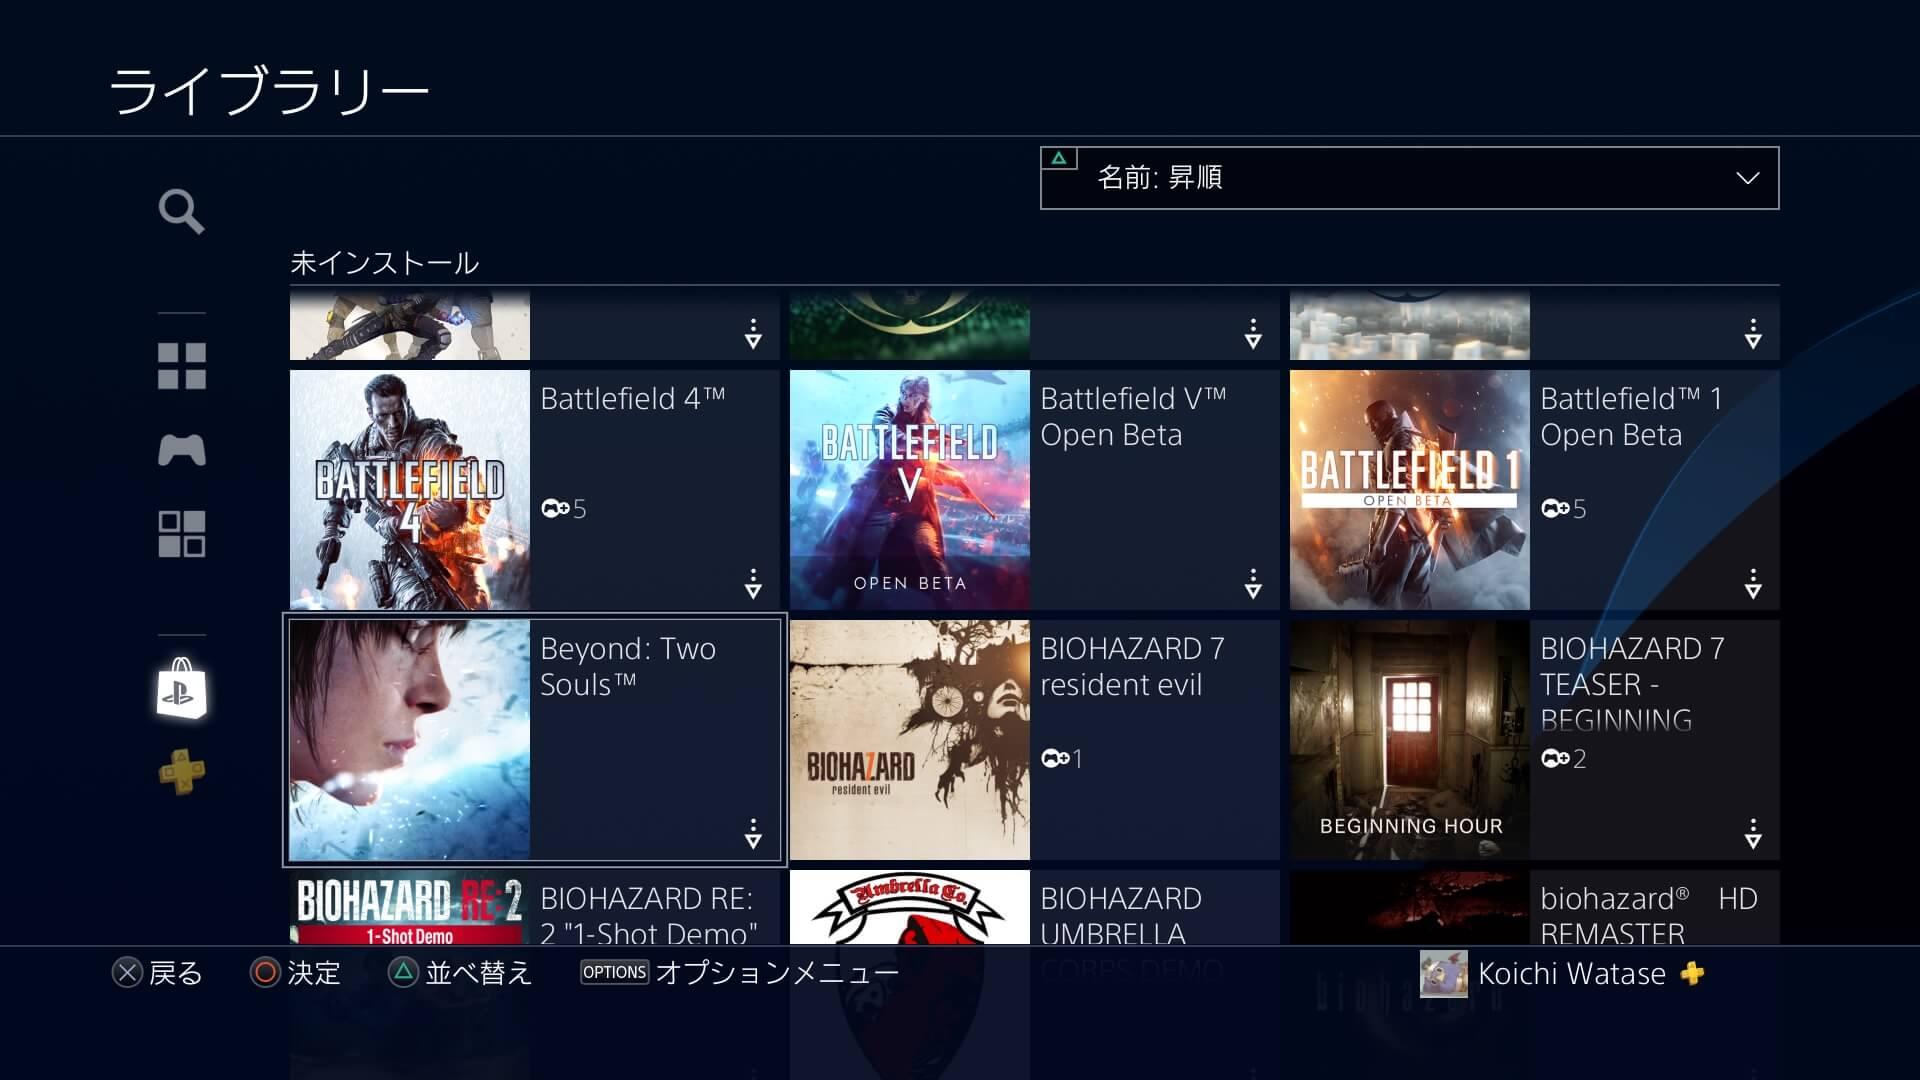 PS4のライブラリー